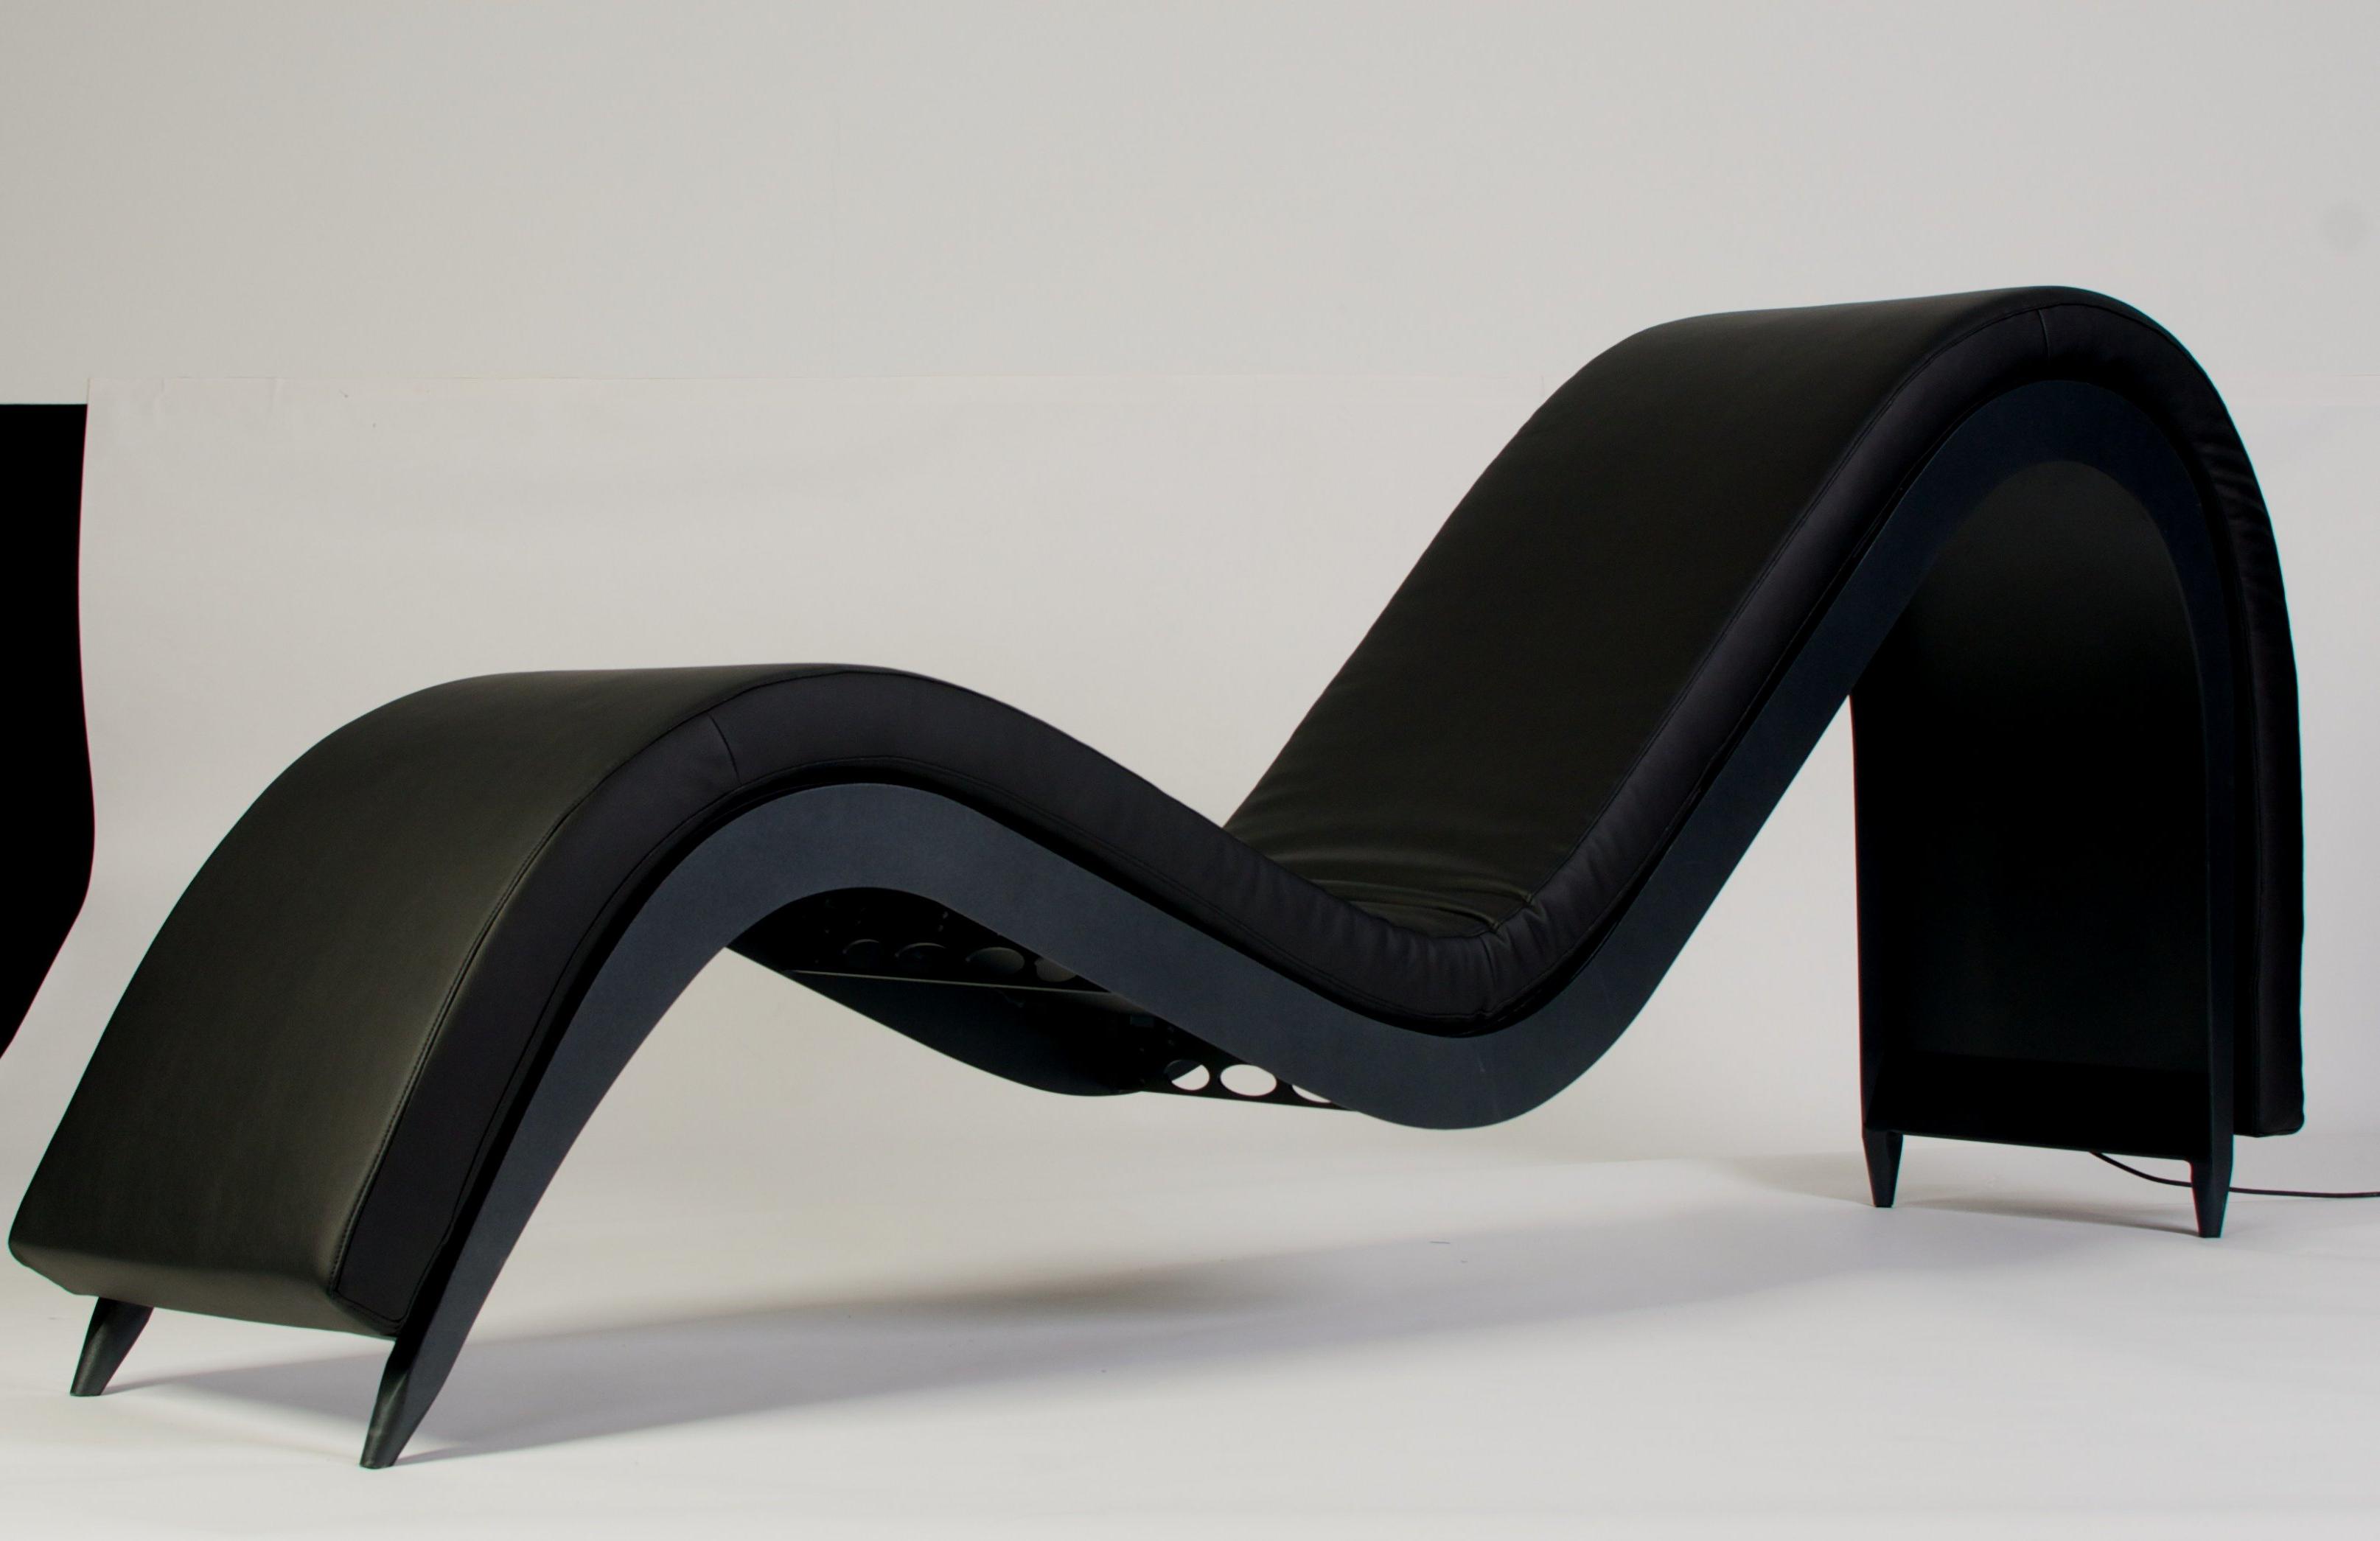 Comprar Sillon Tantra S5d8 Prar Sillon Tantra Agradable Sillon Tantra Ikea Galera De DiseO